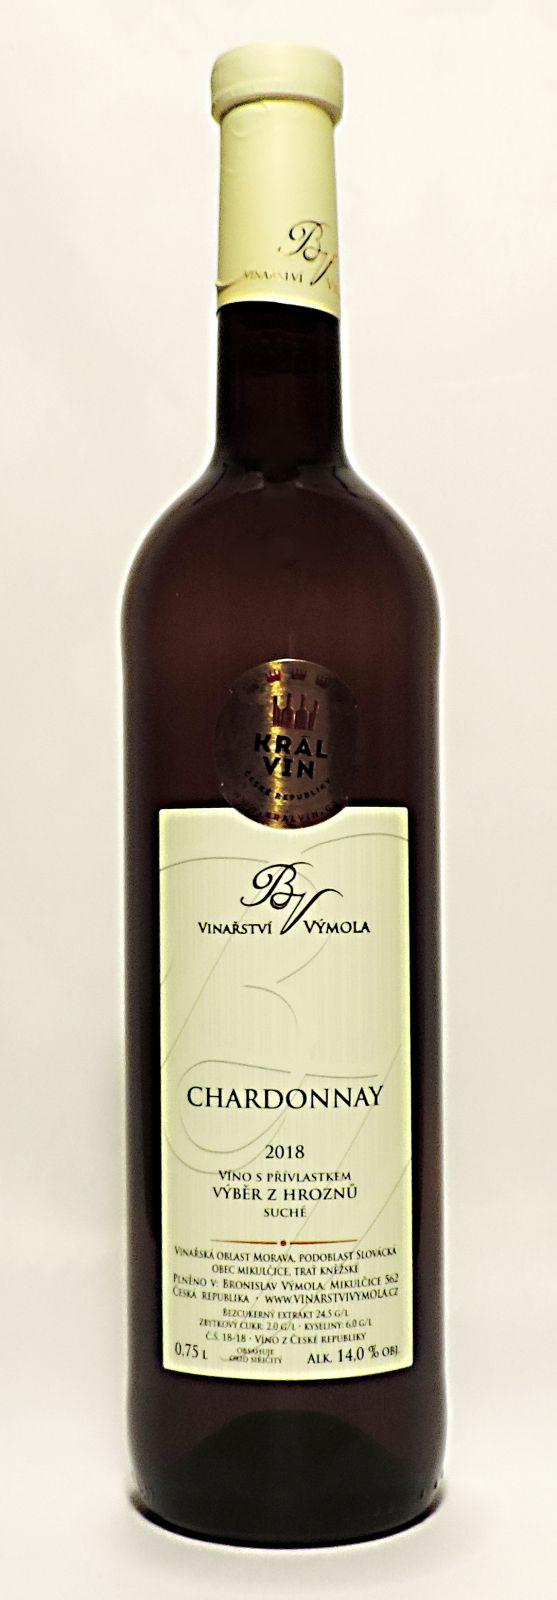 Chardonnay 2018, výběr z hroznů, suché, 0,75 l - vinařství Výmola